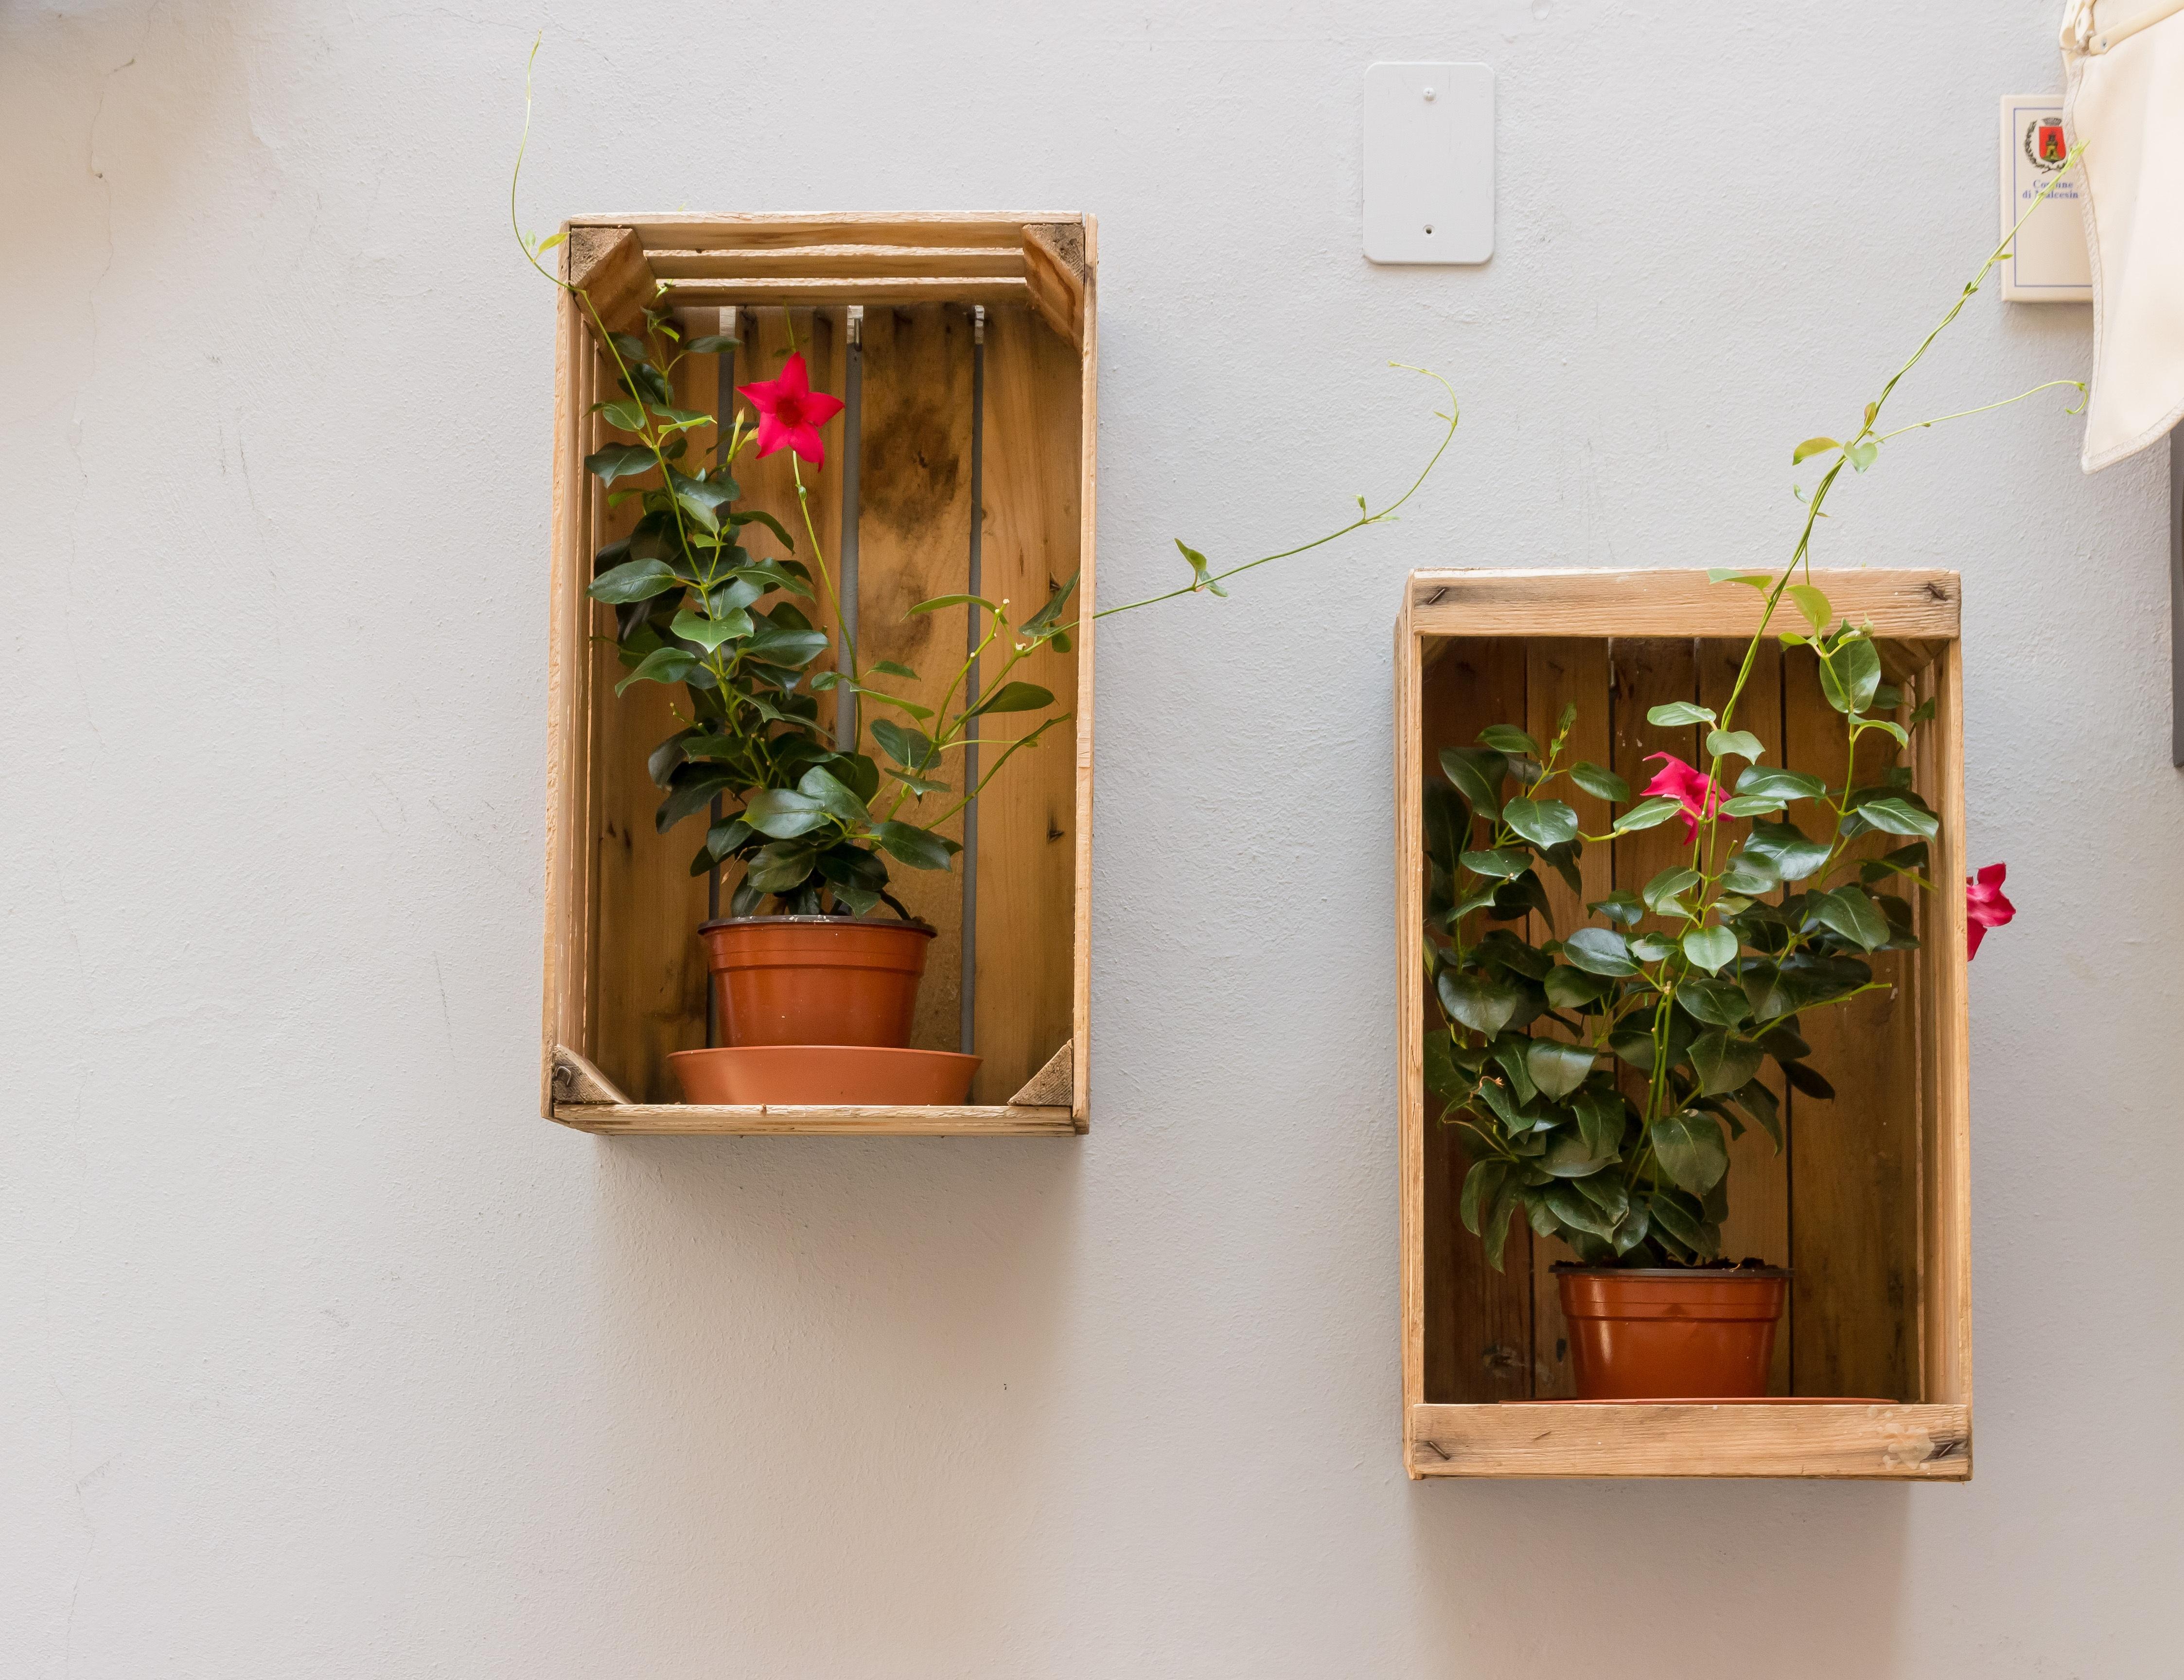 Fotos gratis : flor, ventana, pared, rústico, decoración, verde ...